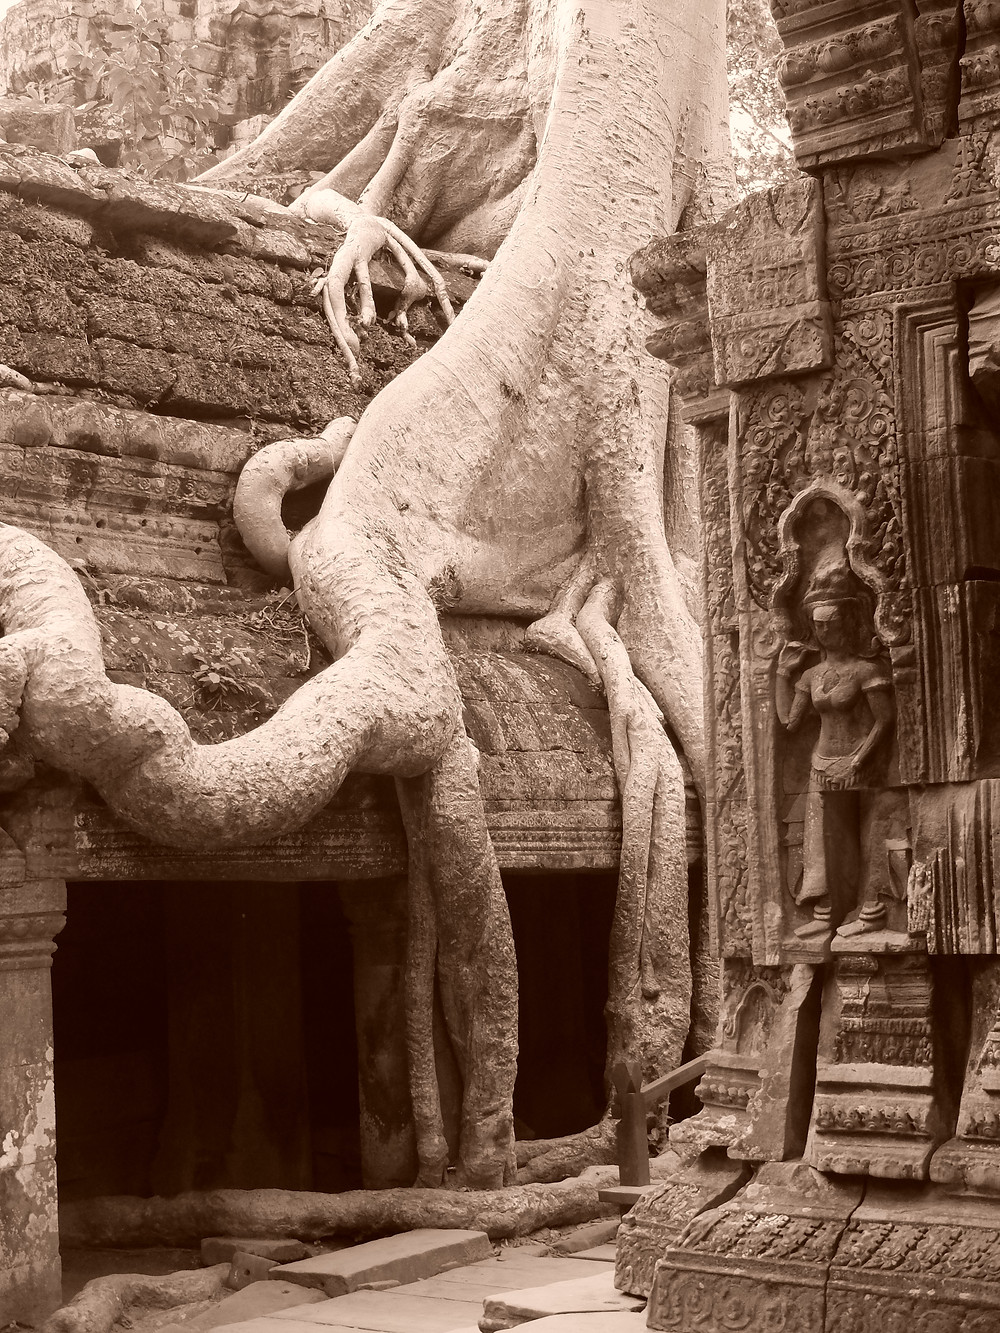 Drzewo rosnące na murach świątyni Ta Prohm w Angkor Wat, płaskorzeźba appsary w kamiennej ścianie